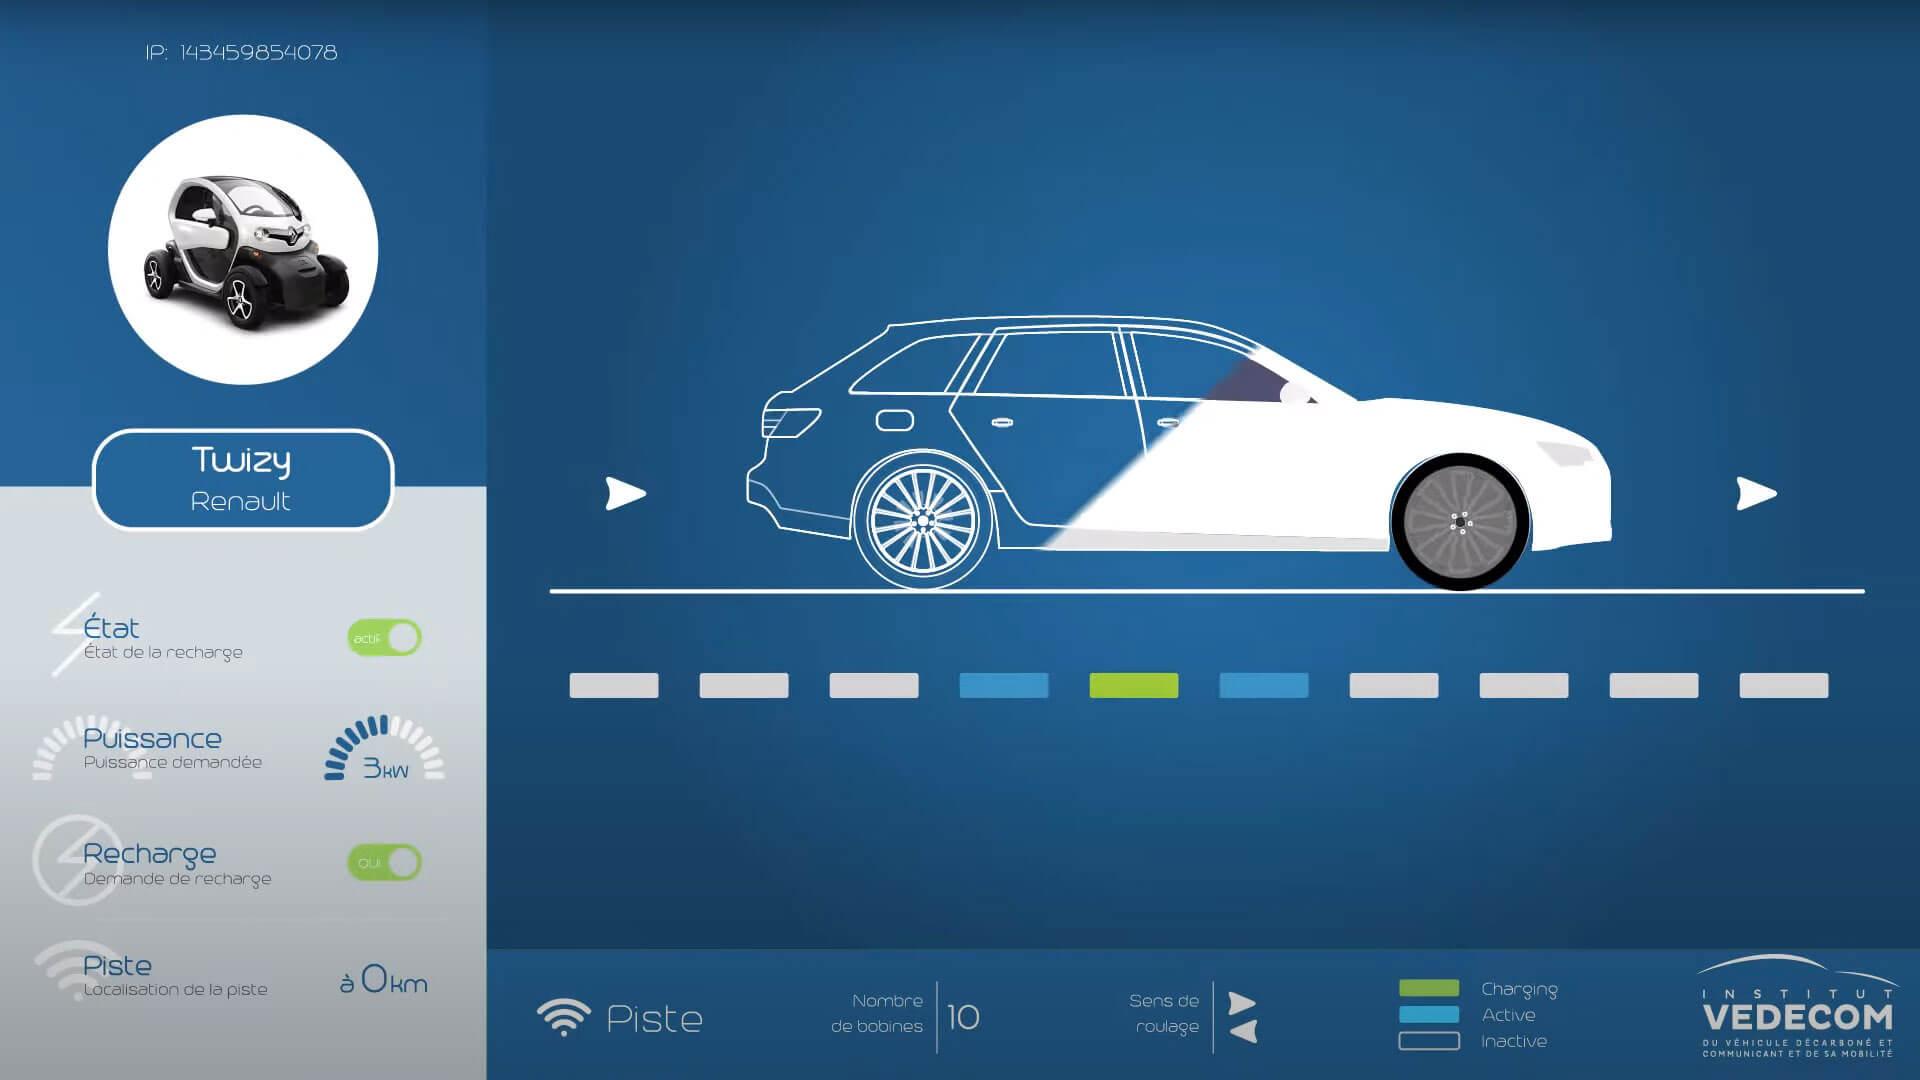 Extrait d'une vidéo sur la rechargement-dynamique voiture électrique exlpication